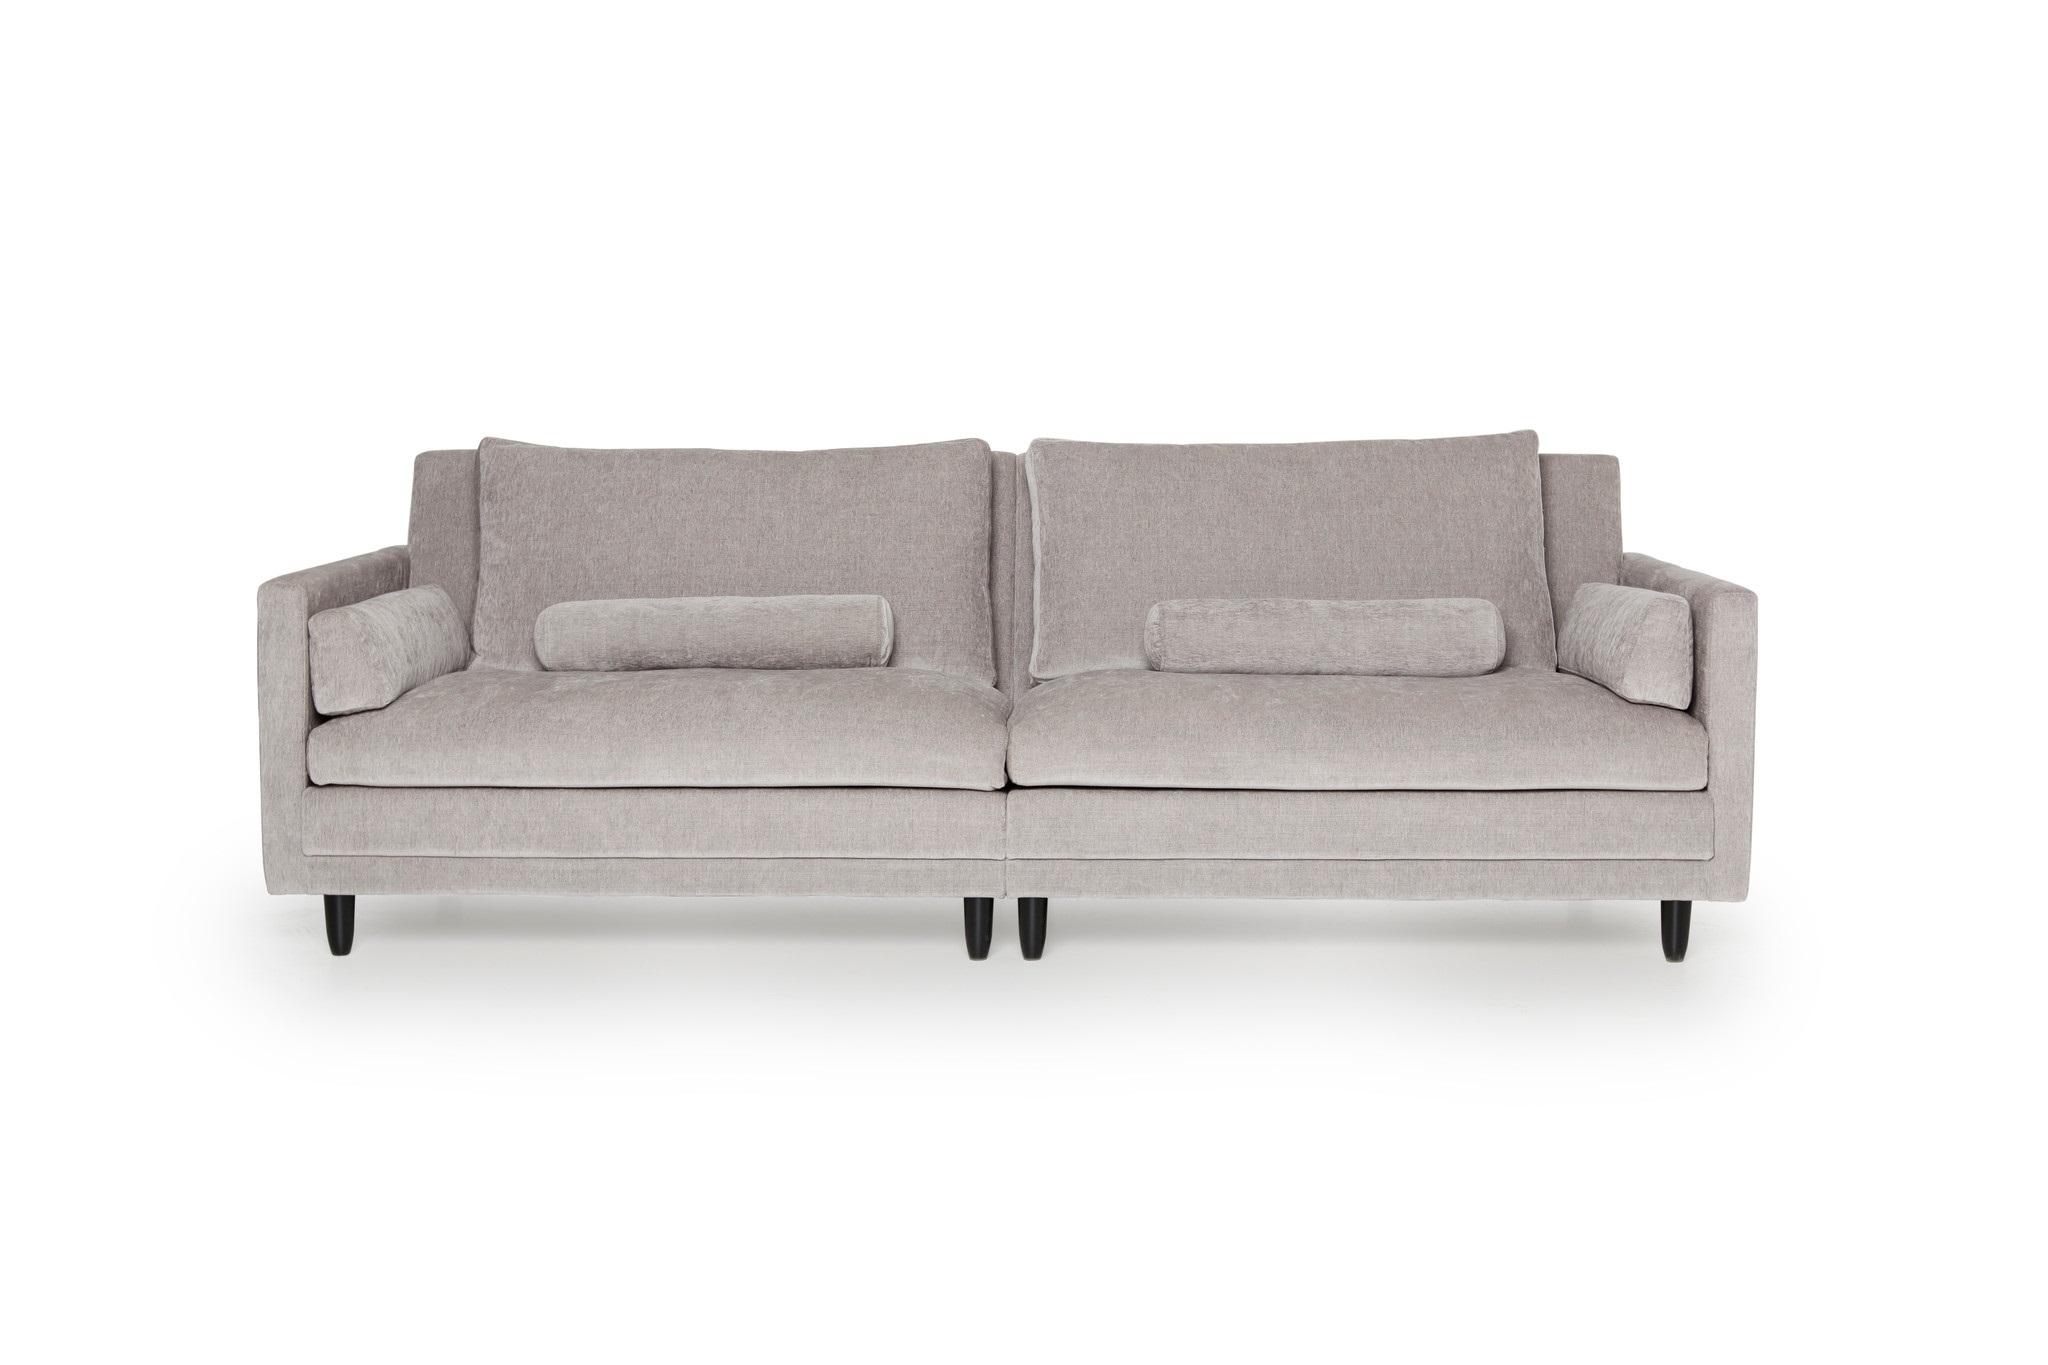 Диван БодоТрехместные диваны<br>Диван Бодо – комфорт и шик для ценителей диванов. Мягкие подушки и эргономичные пропорции подарят незабываемый отдых. А стильный дизайн и благородные ткани будут долгие годы радовать глаз.&amp;amp;nbsp;&amp;lt;div&amp;gt;&amp;lt;br&amp;gt;&amp;lt;/div&amp;gt;&amp;lt;div&amp;gt;Не разбирается. Каркас (комбинации дерева, фанеры и ЛДСП).&amp;amp;nbsp;&amp;lt;/div&amp;gt;&amp;lt;div&amp;gt;Для сидячих подушек используют пену различной плотности, а также перо и силиконовое волокно.&amp;amp;nbsp;&amp;lt;/div&amp;gt;&amp;lt;div&amp;gt;Для задних подушек есть пять видов наполнения: пена, измельченая пена, пена высокой эластичности, силиконовые волокно.&amp;amp;nbsp;&amp;lt;/div&amp;gt;&amp;lt;div&amp;gt;Материал обивки: Can 3 grey.&amp;amp;nbsp;&amp;lt;/div&amp;gt;<br><br>Material: Текстиль<br>Ширина см: 256.0<br>Высота см: 86.0<br>Глубина см: 101.0